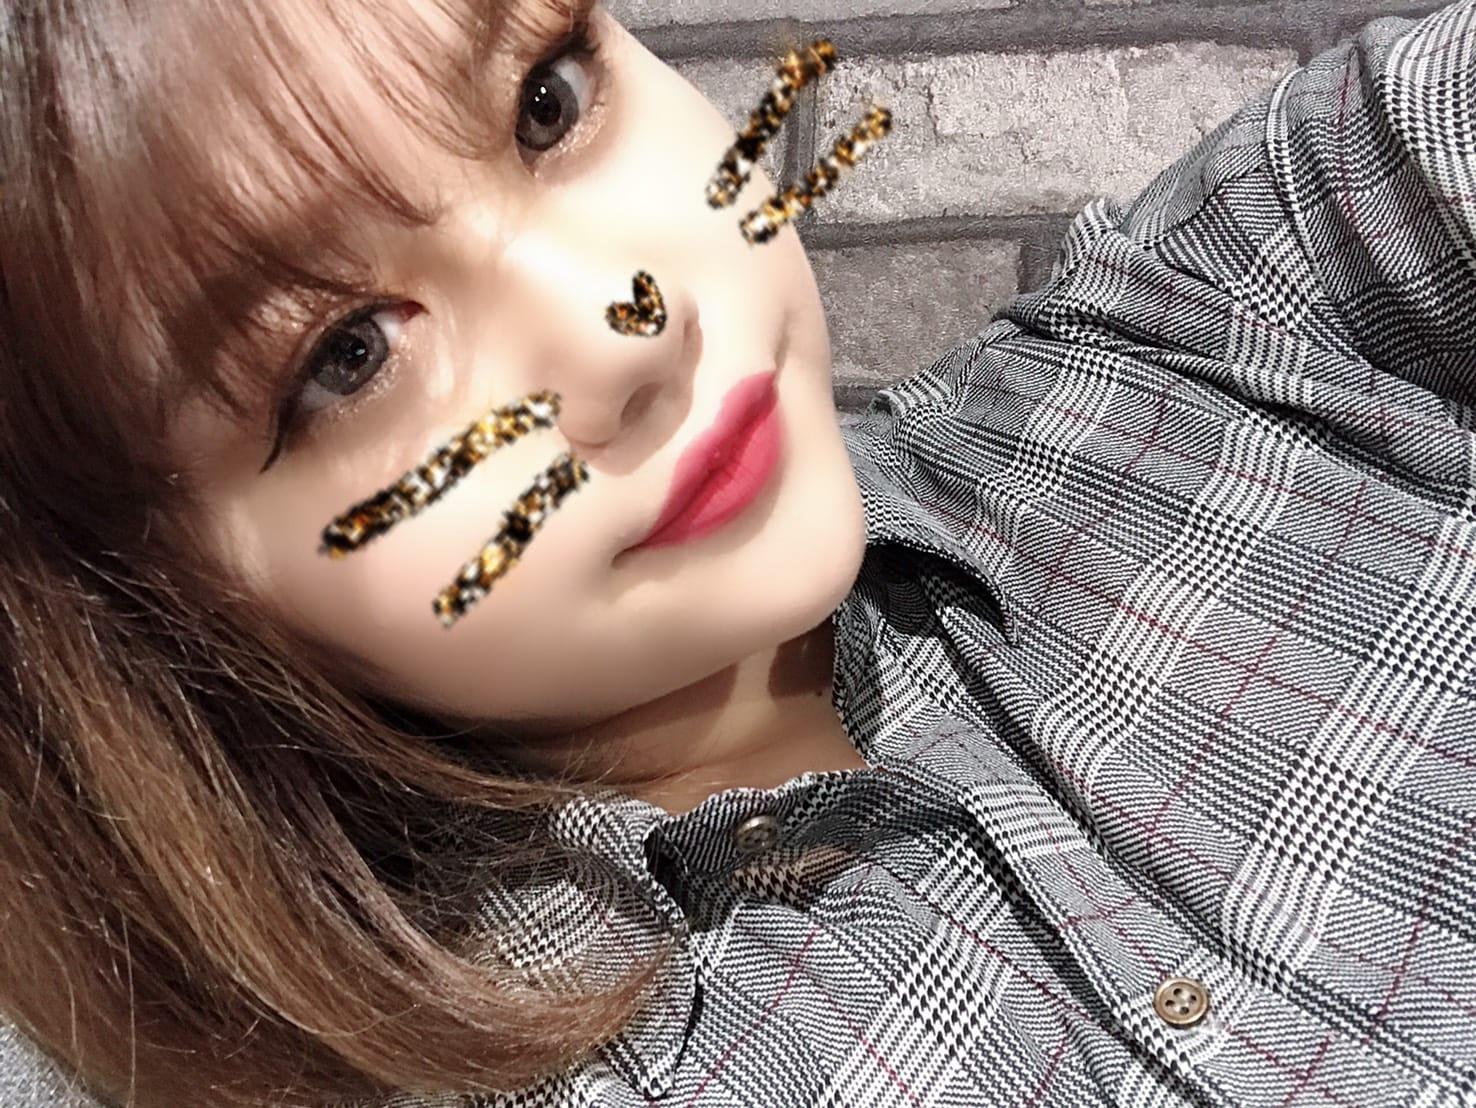 「こんばんは^_^」11/09(11/09) 18:39 | かほの写メ・風俗動画